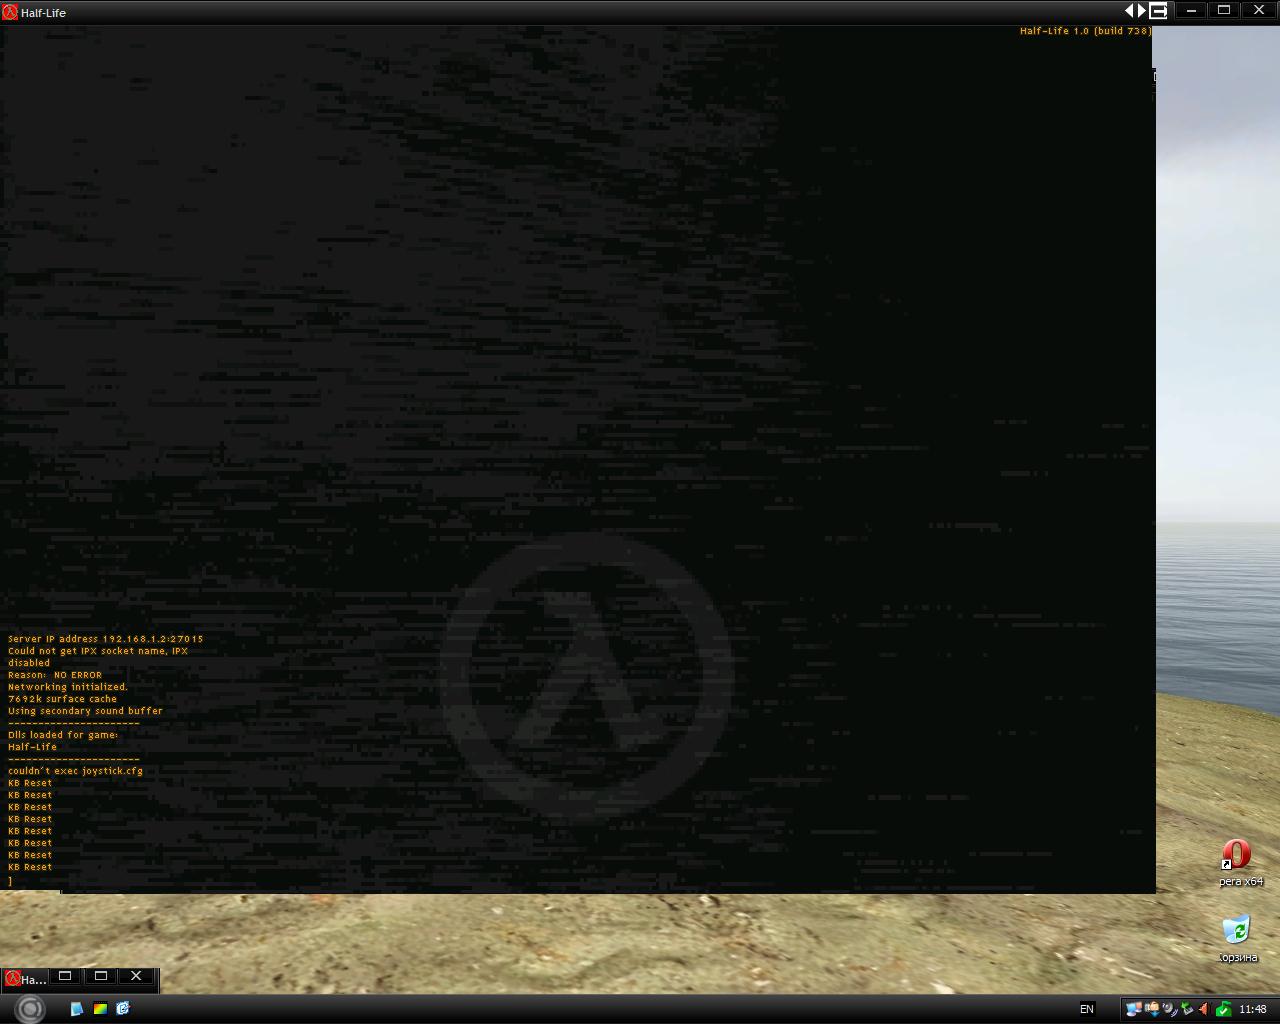 Развернул окно на весь экран - Half-Life